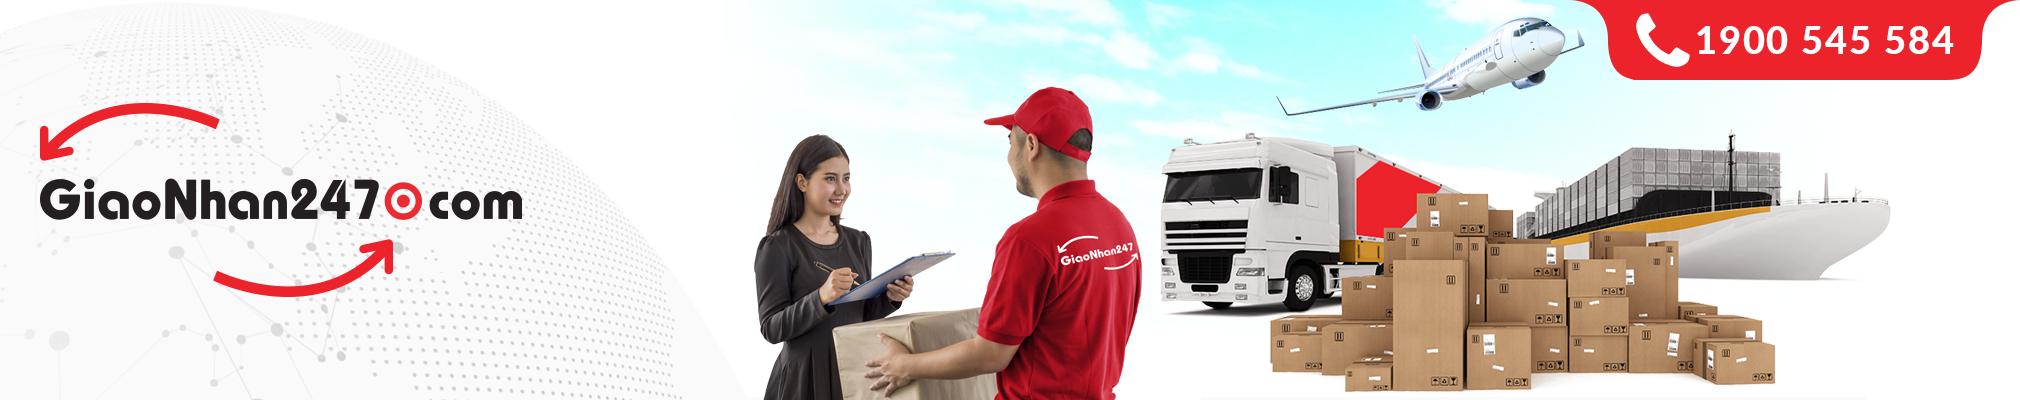 Nhận mua, vận chuyển ship hàng quốc tế về Việt Nam – Giao nhận 247